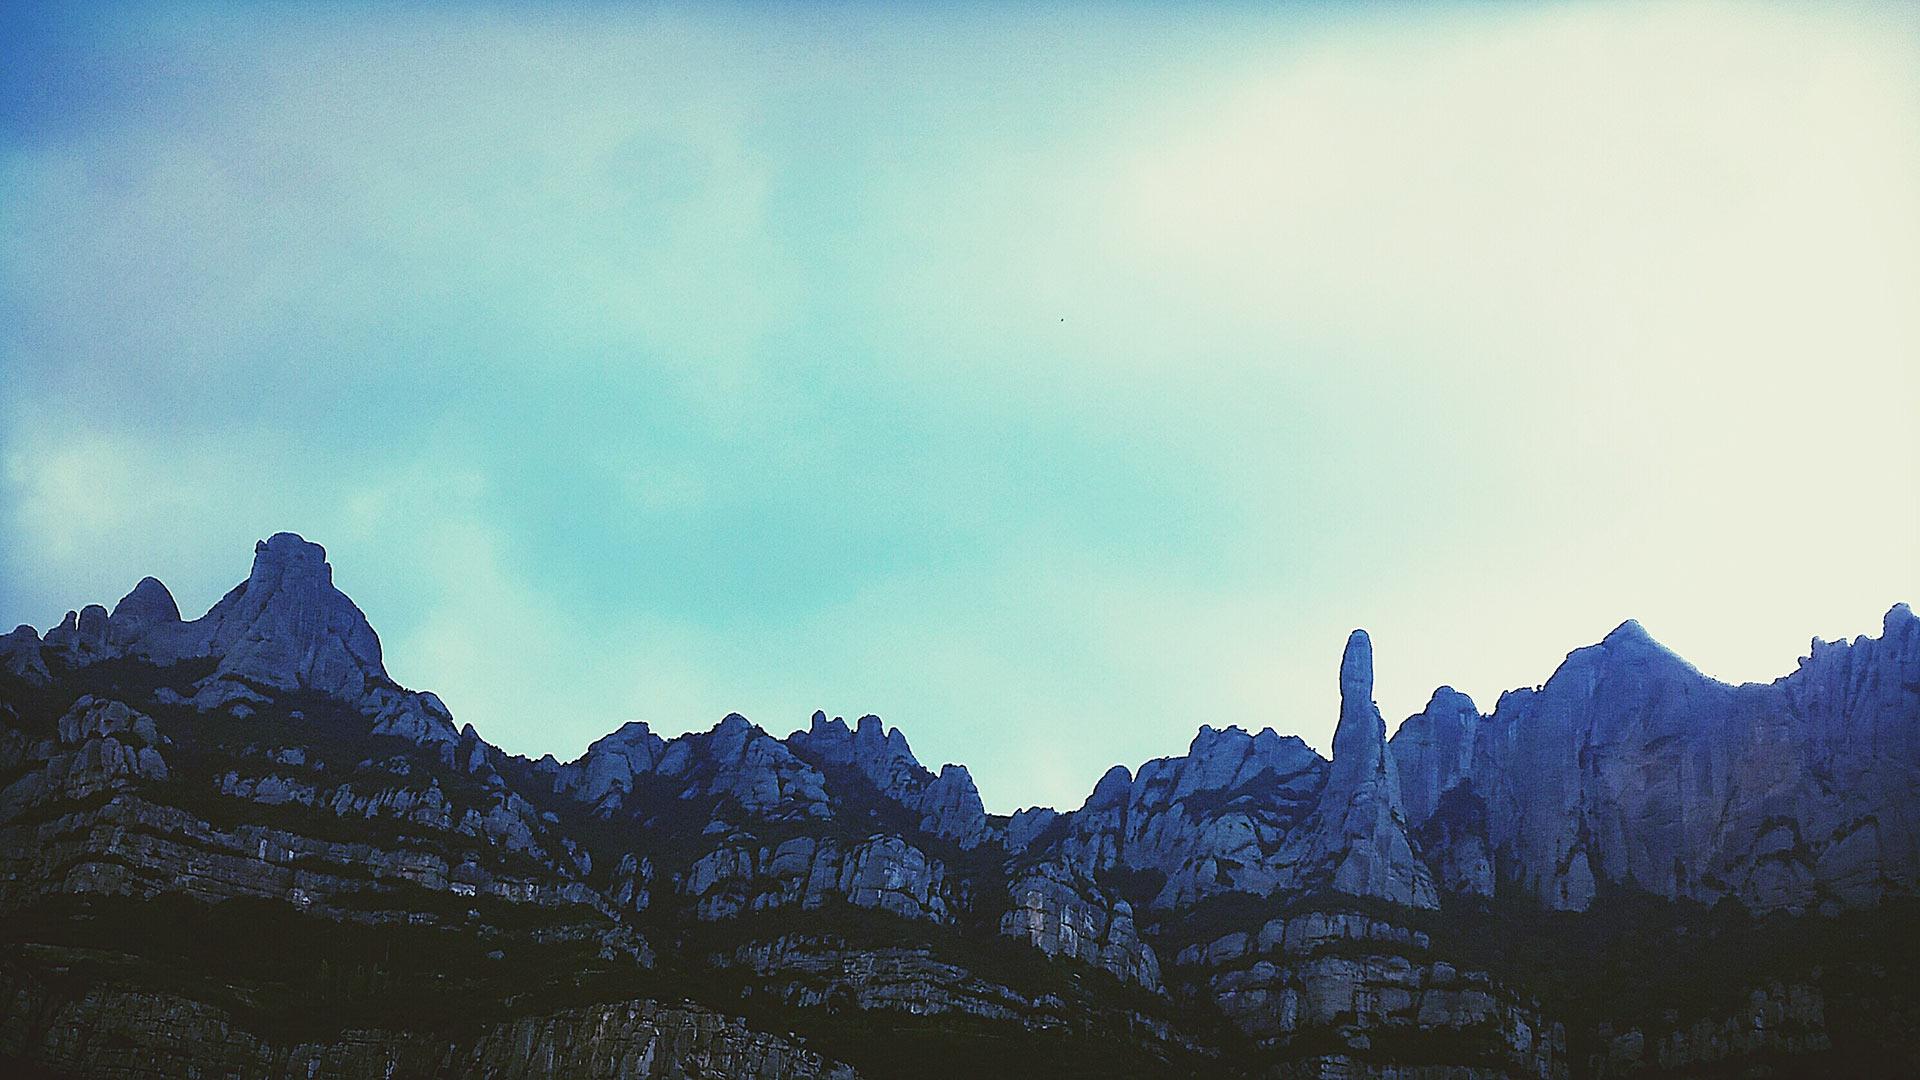 Agencia-Creativa-Eliptic-Group-Publicidad-Eliptica-Sant-Cugat-Montserrat